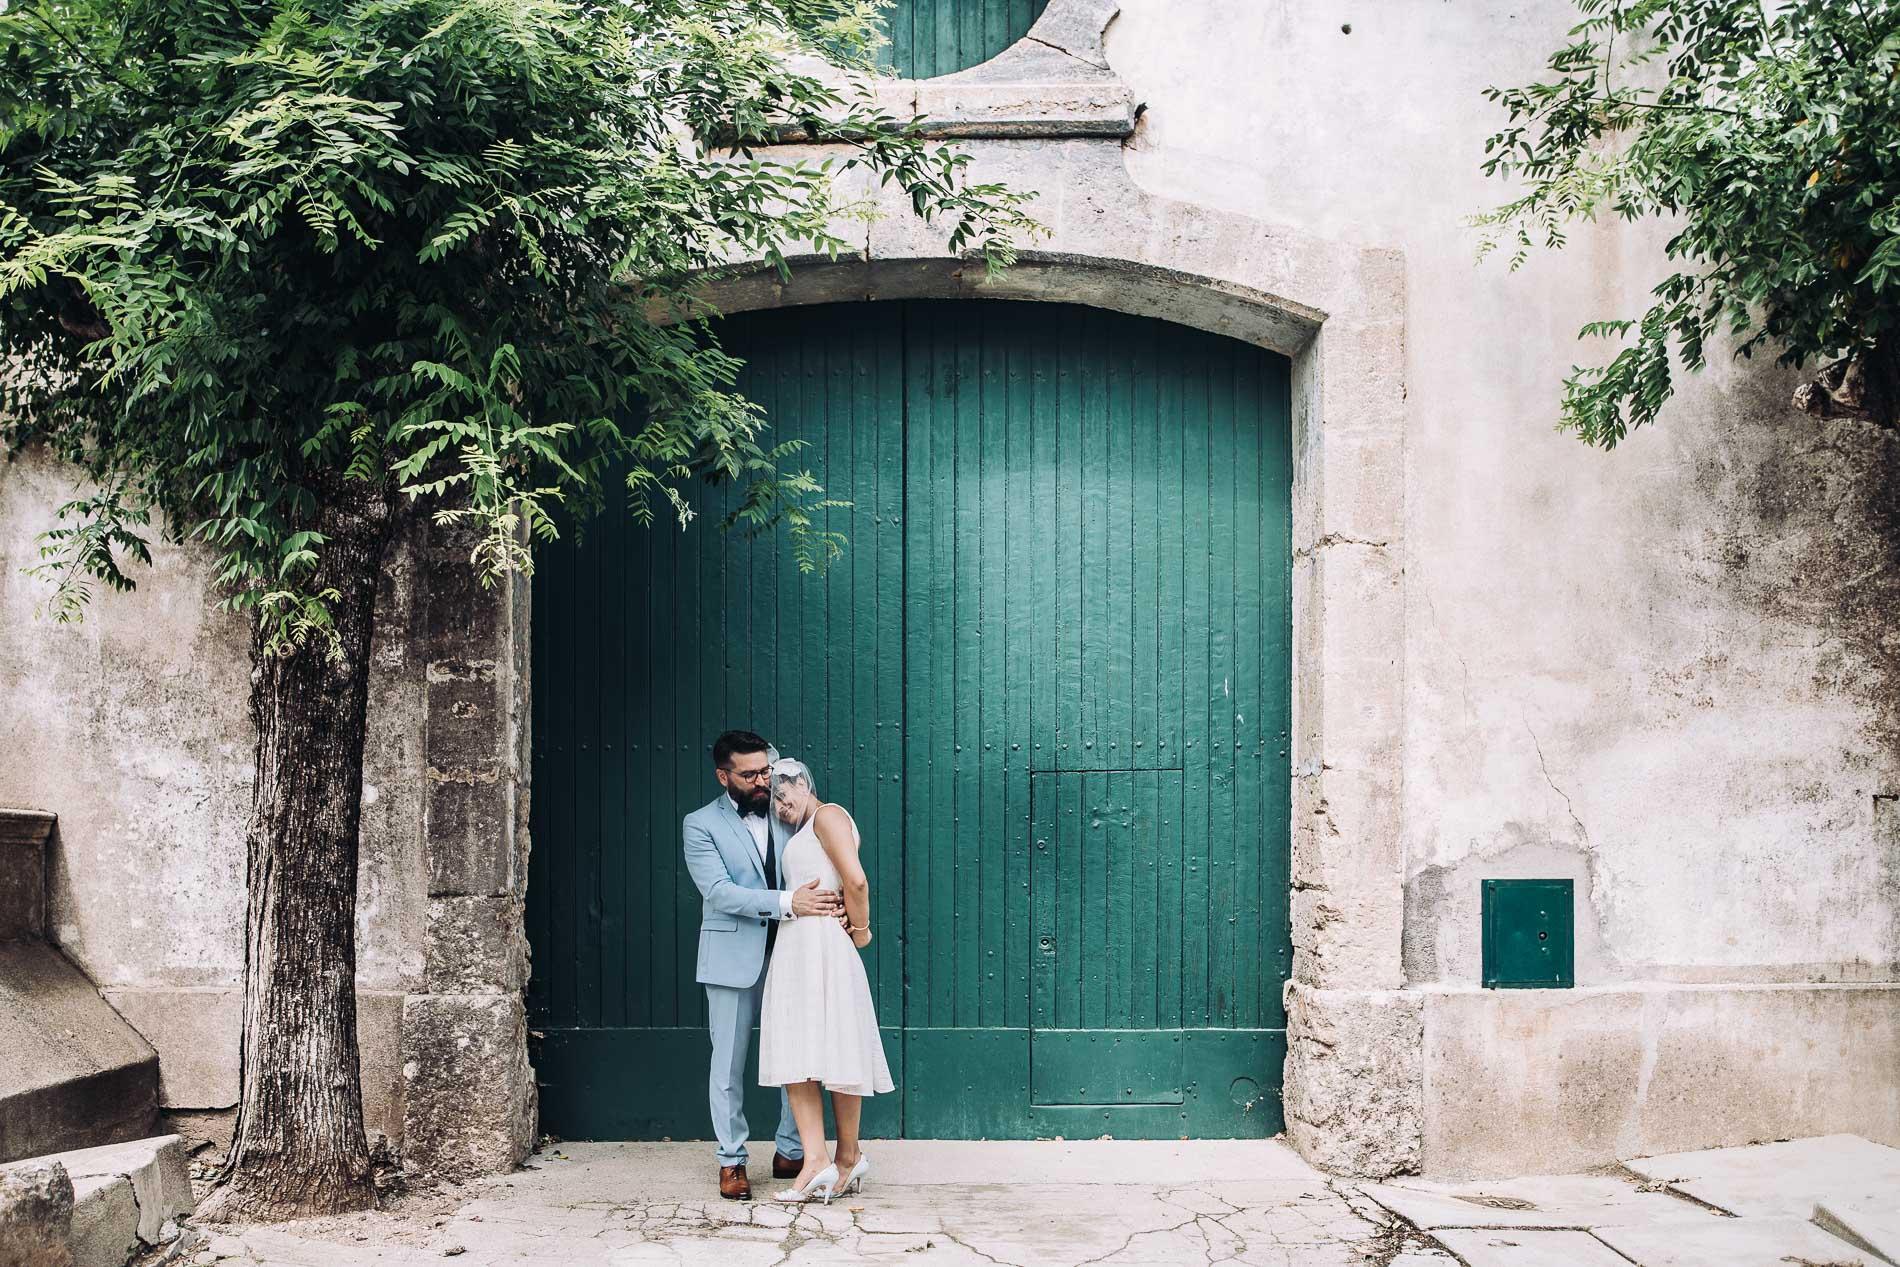 photographe-couple-mariage-carcassonne-38